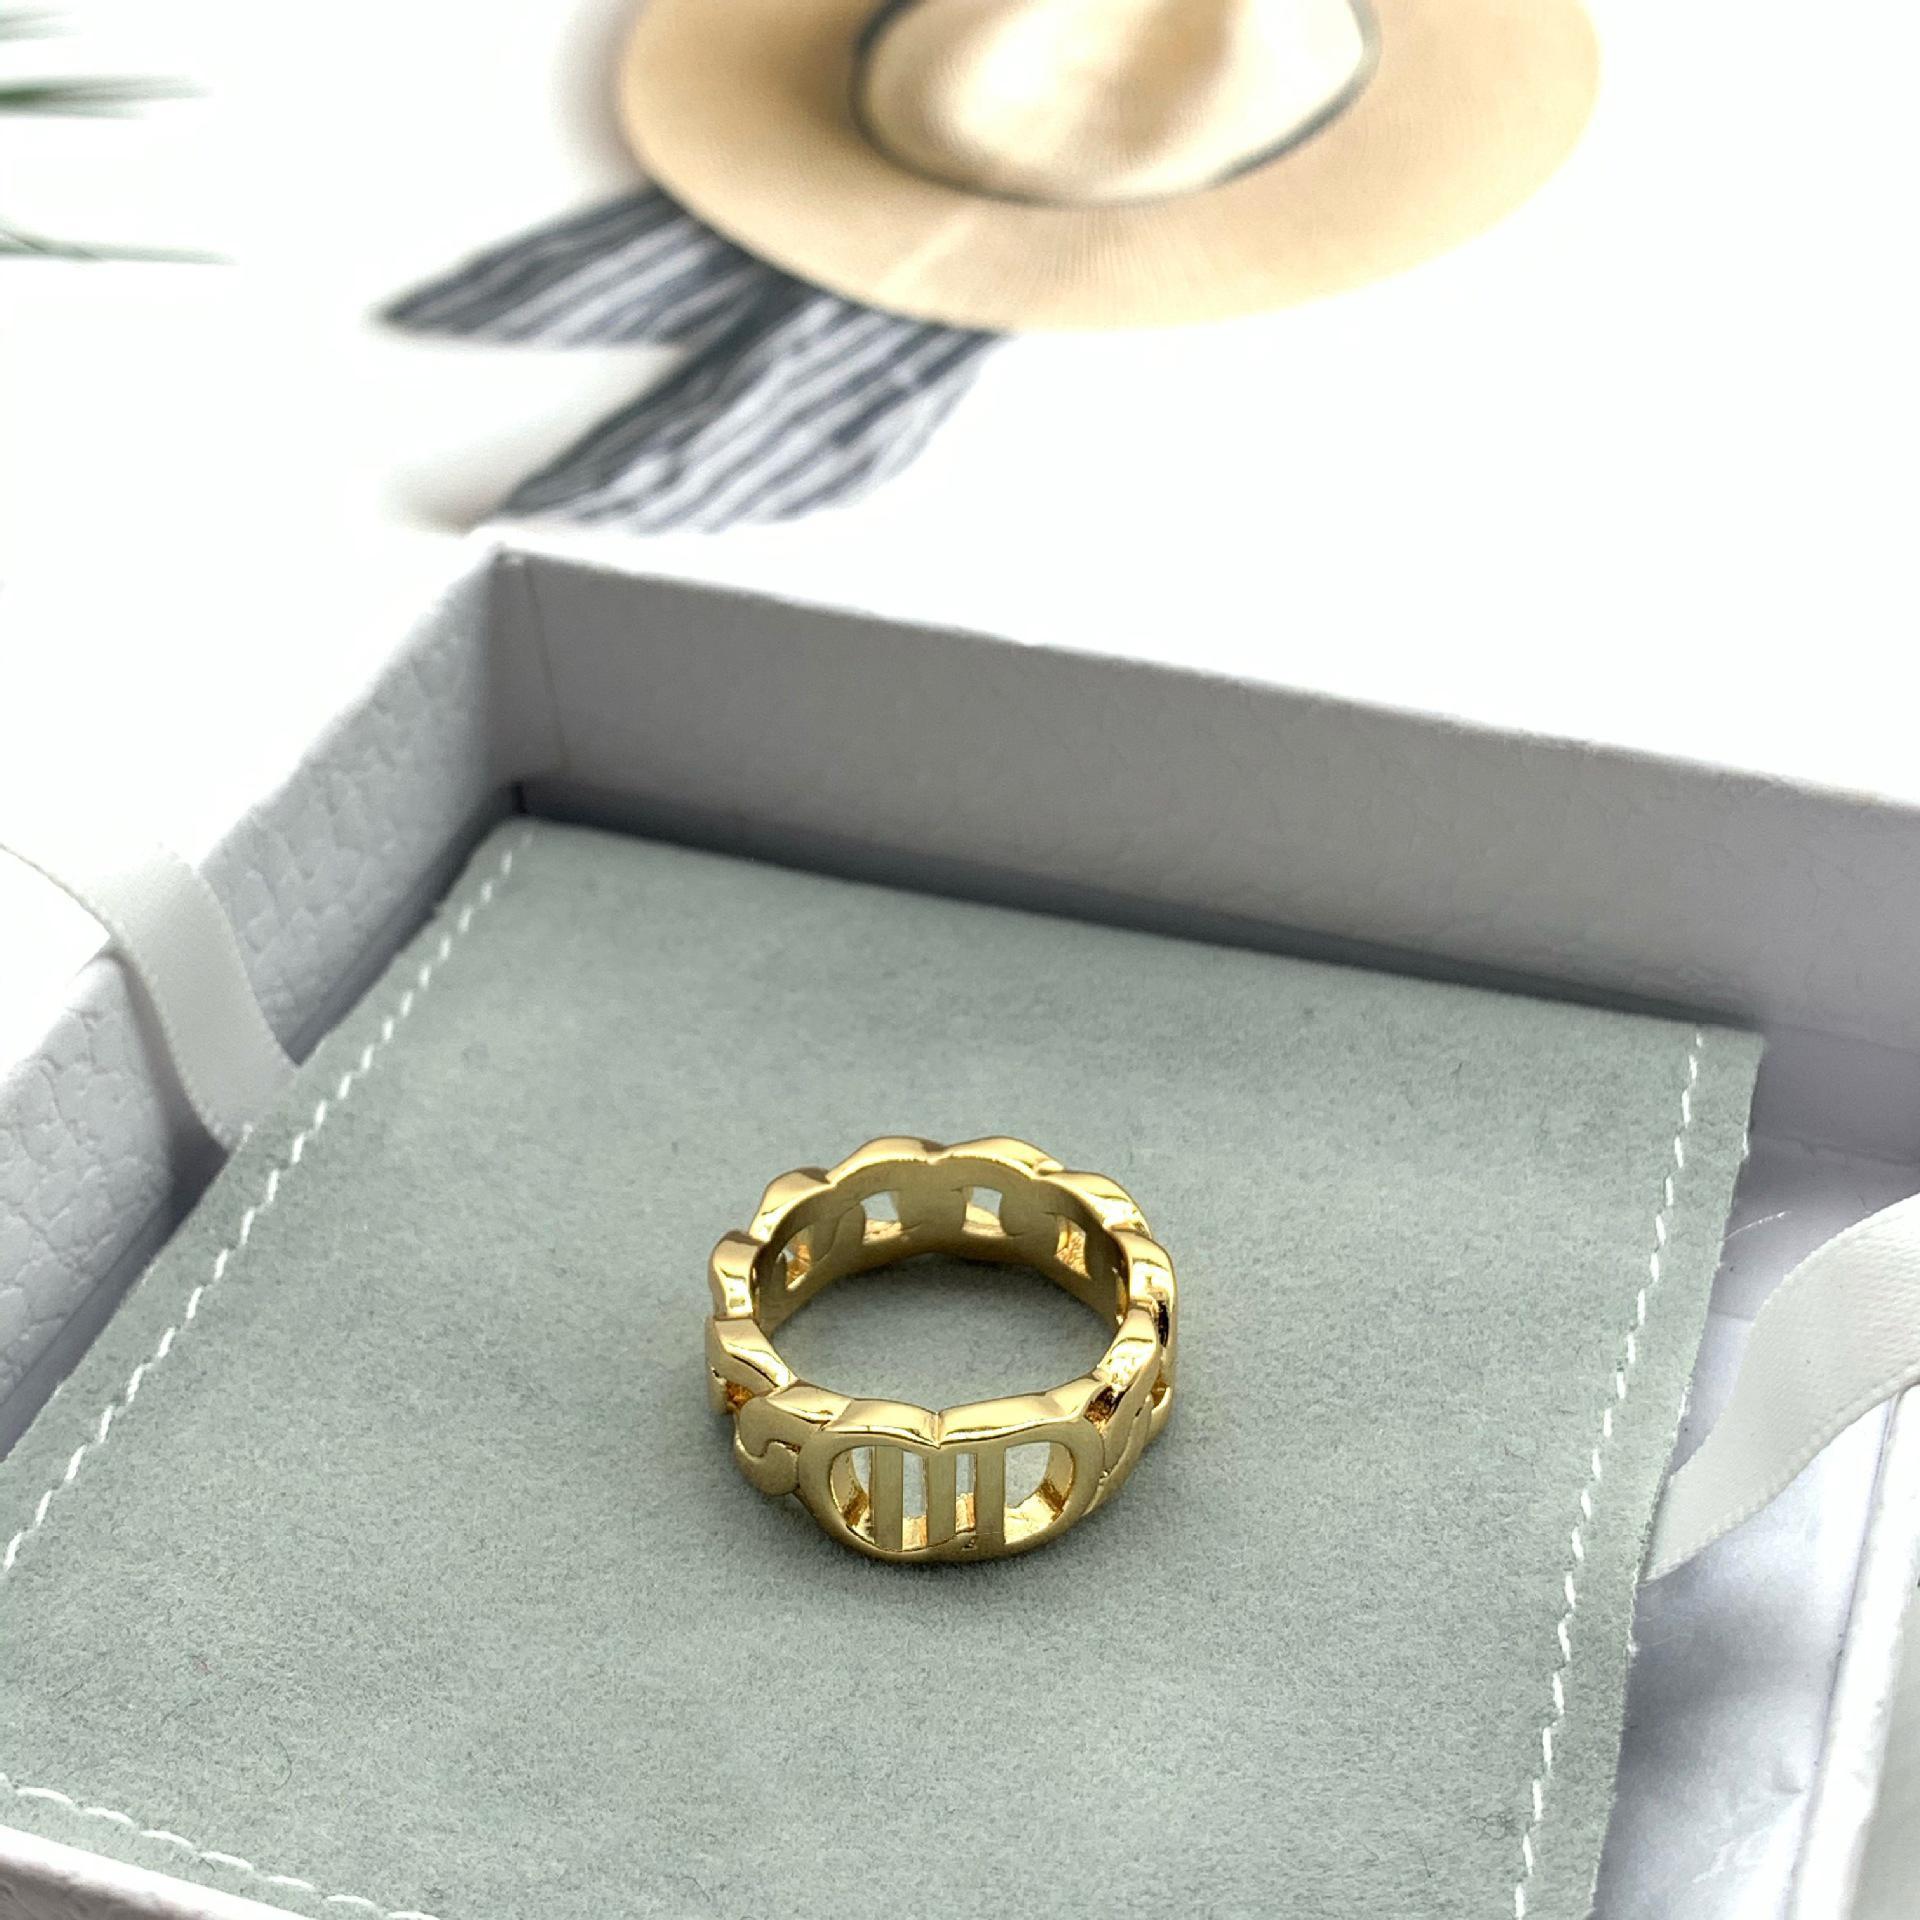 Fashion Gold Letter Band Anelli BAGUE PER LADY DONNE DONNE PARTY AMANDE AMANDE GIOCAGGAMENTO GIOIANI Monili con scatola